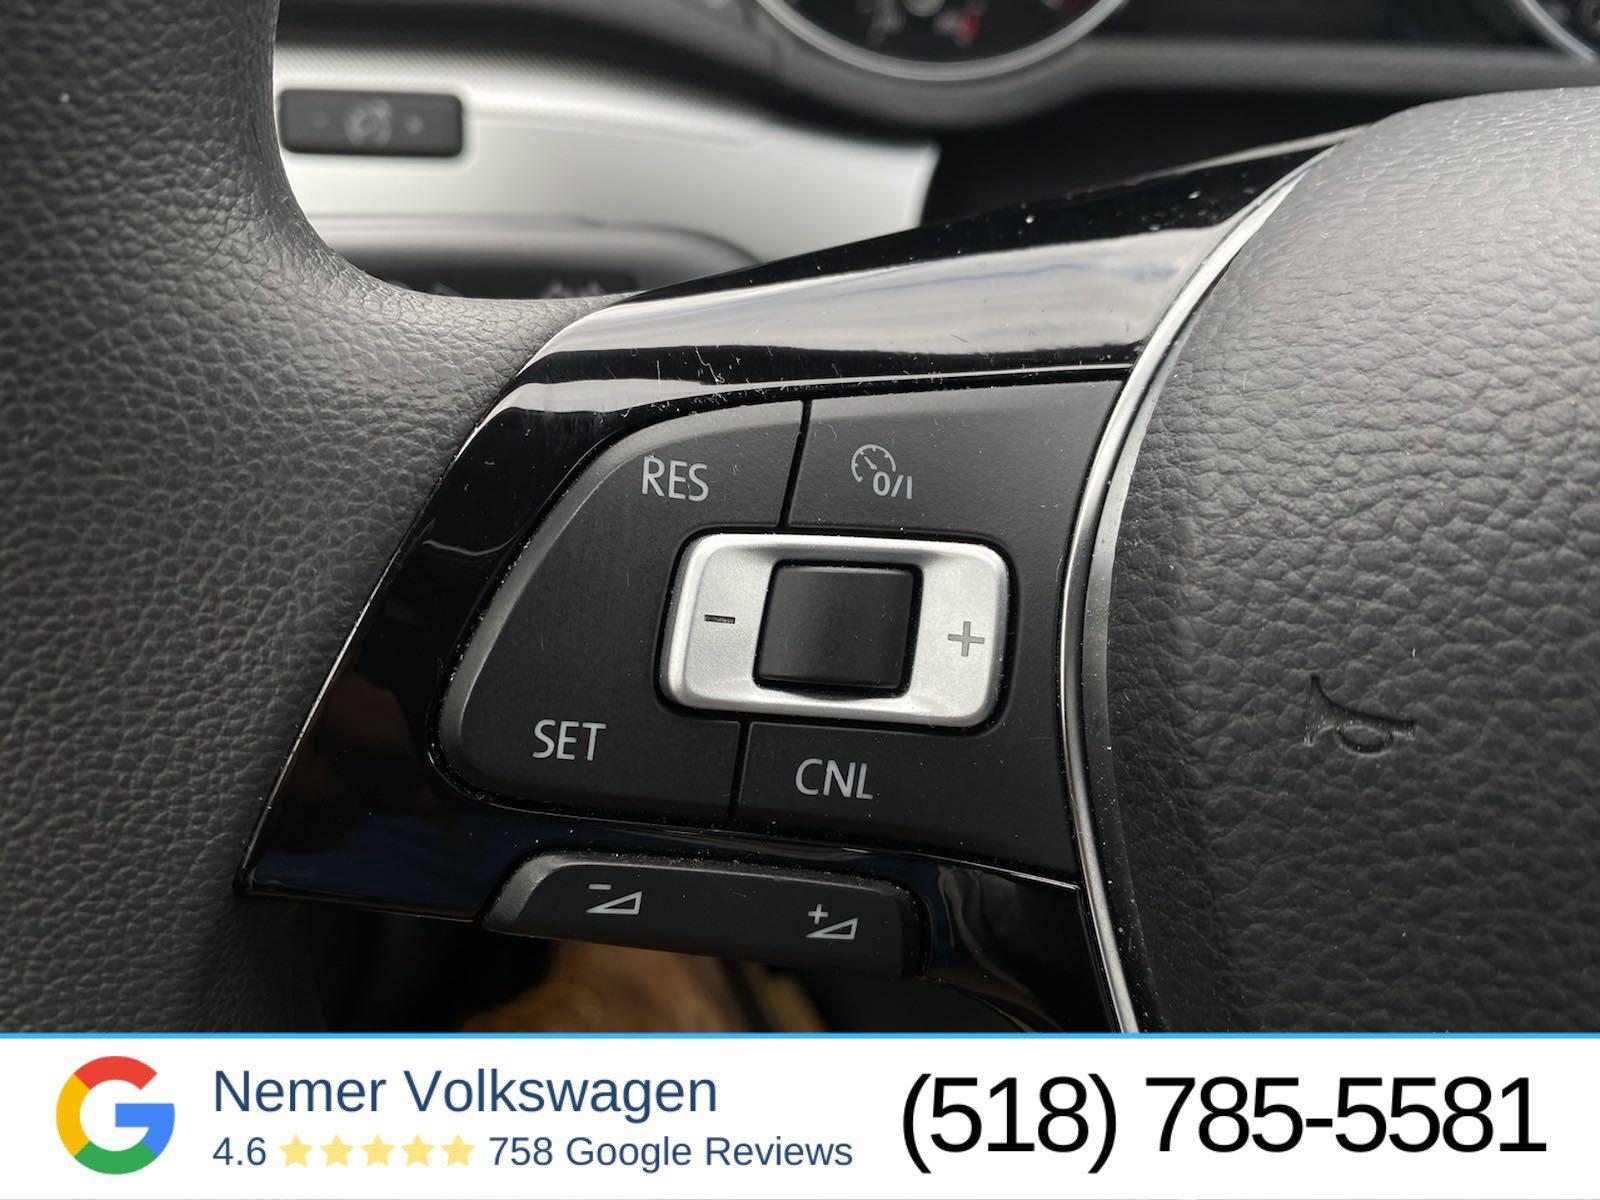 Pre-Owned 2016 Volkswagen Passat 1.8T S